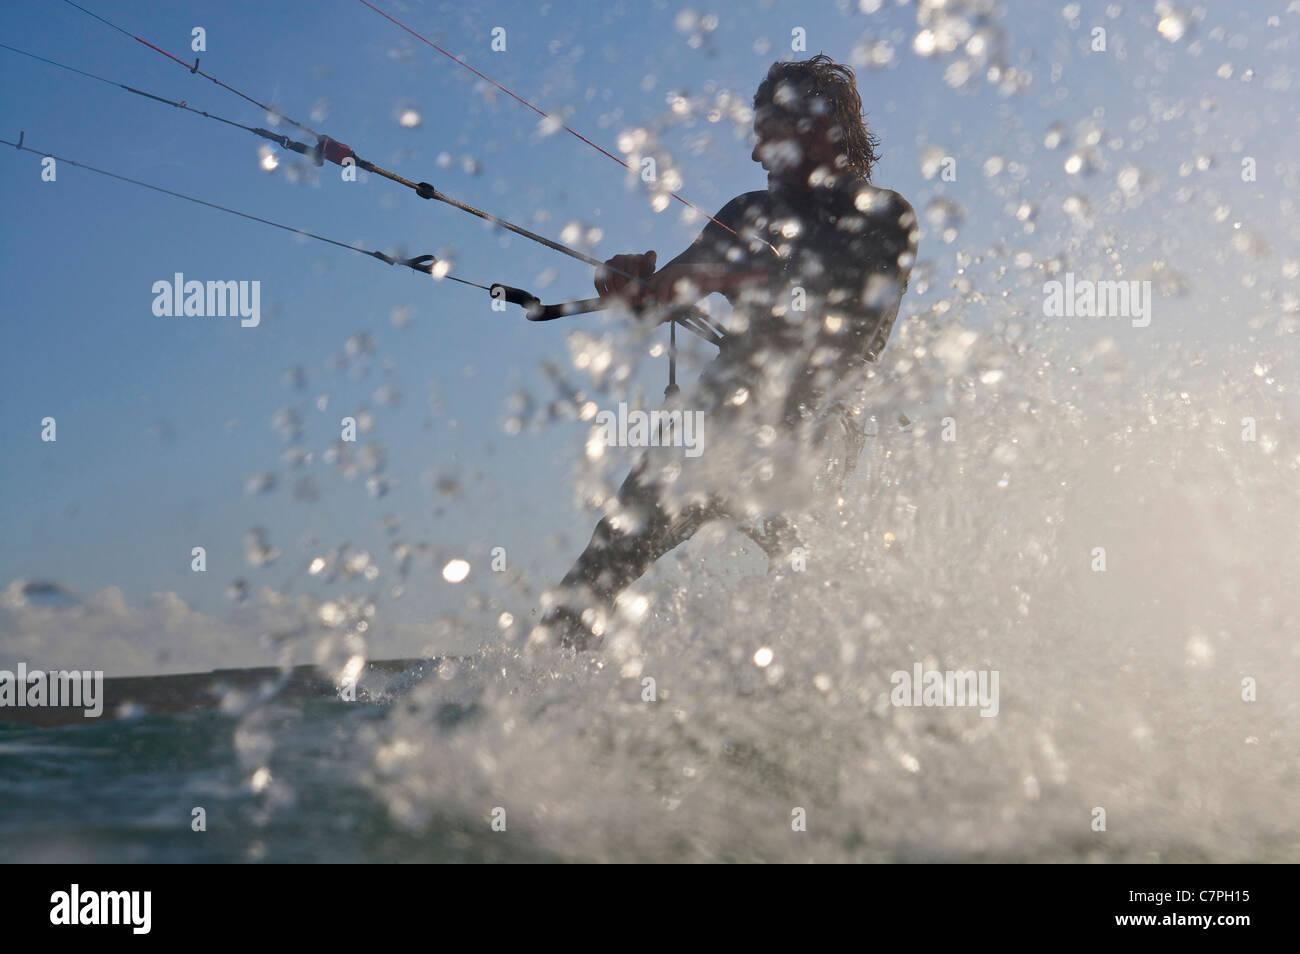 Kitesurfer im Wasser plantschen Stockbild